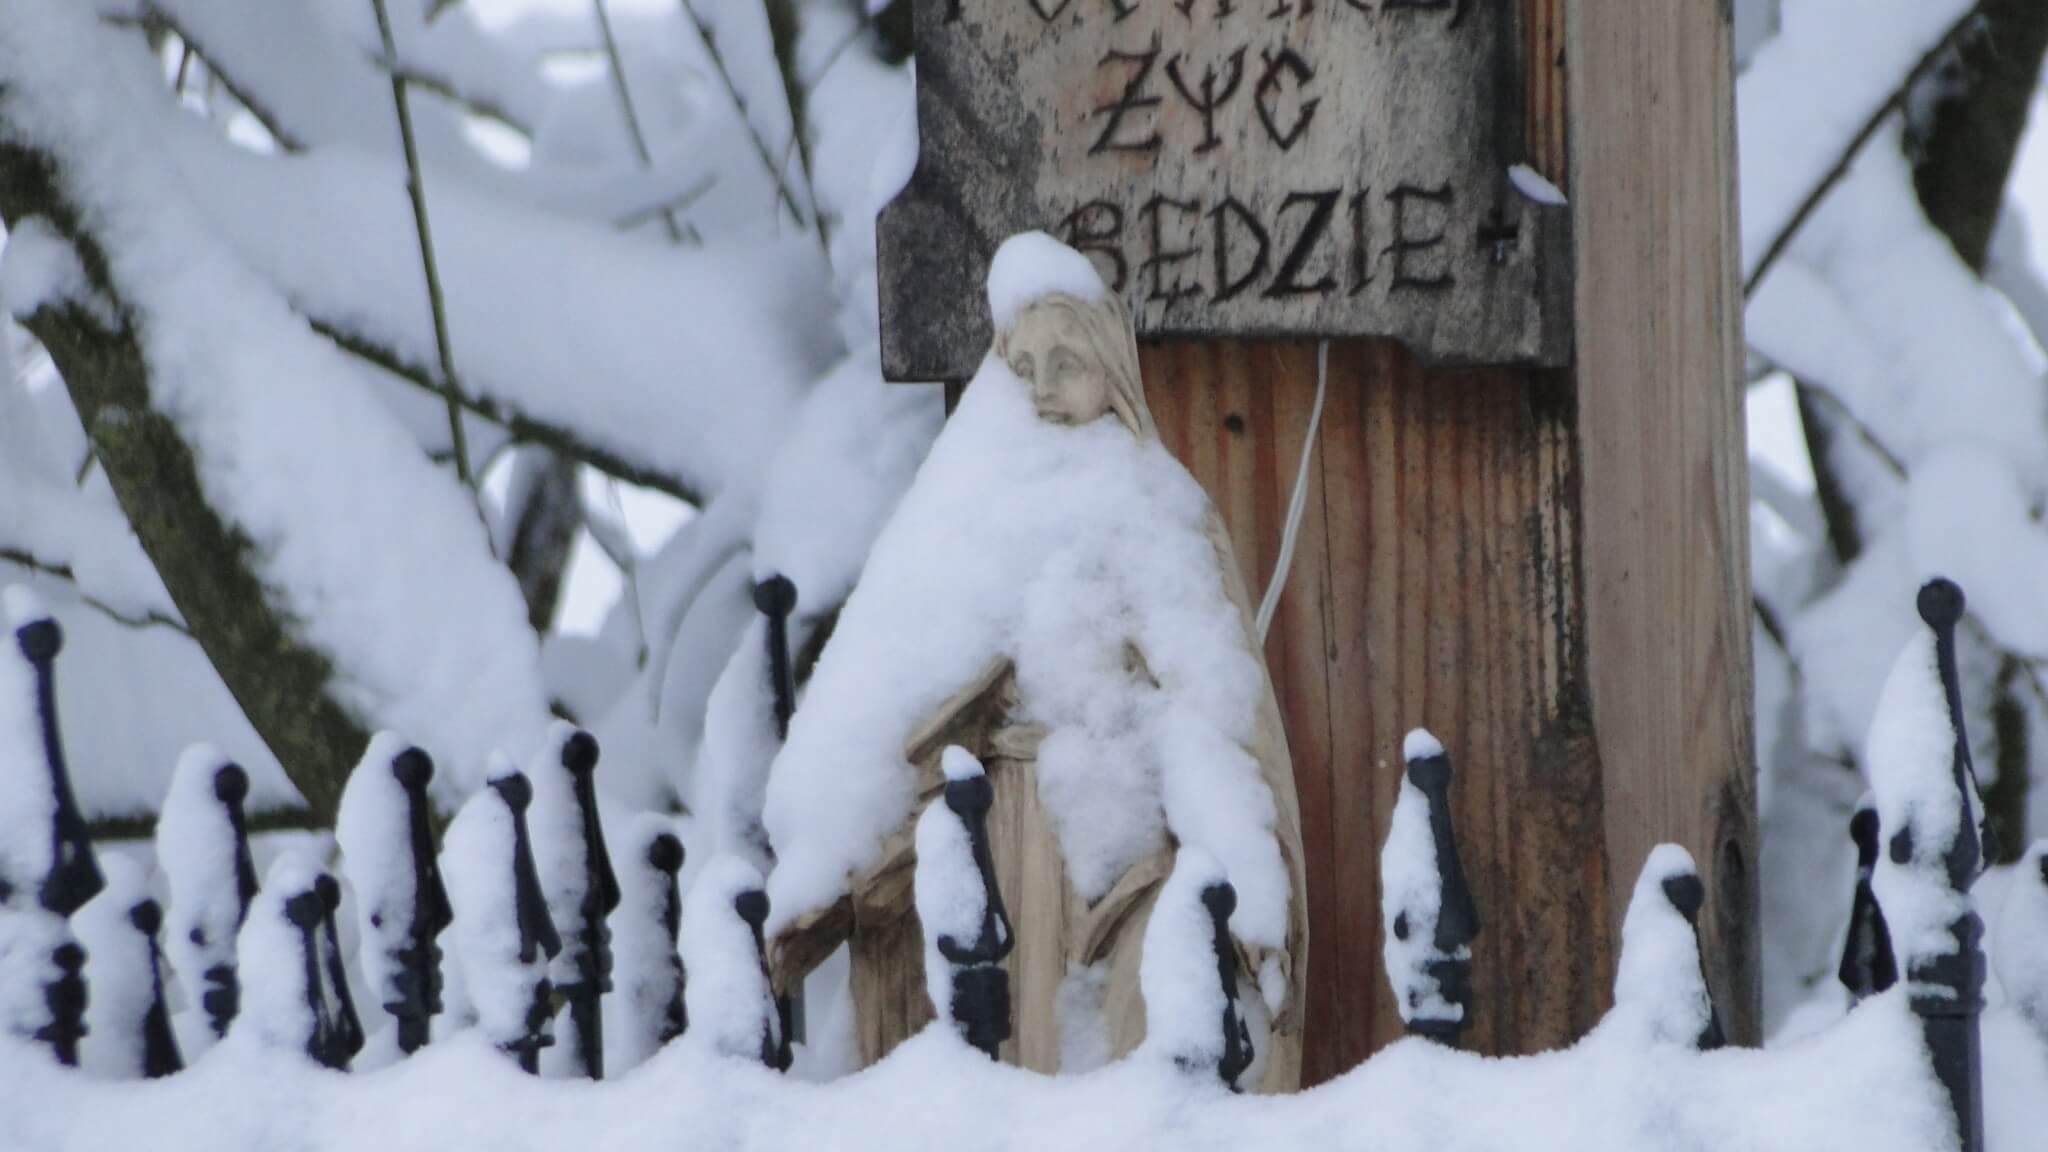 Lutowa zima - śnieżna imroźna 2